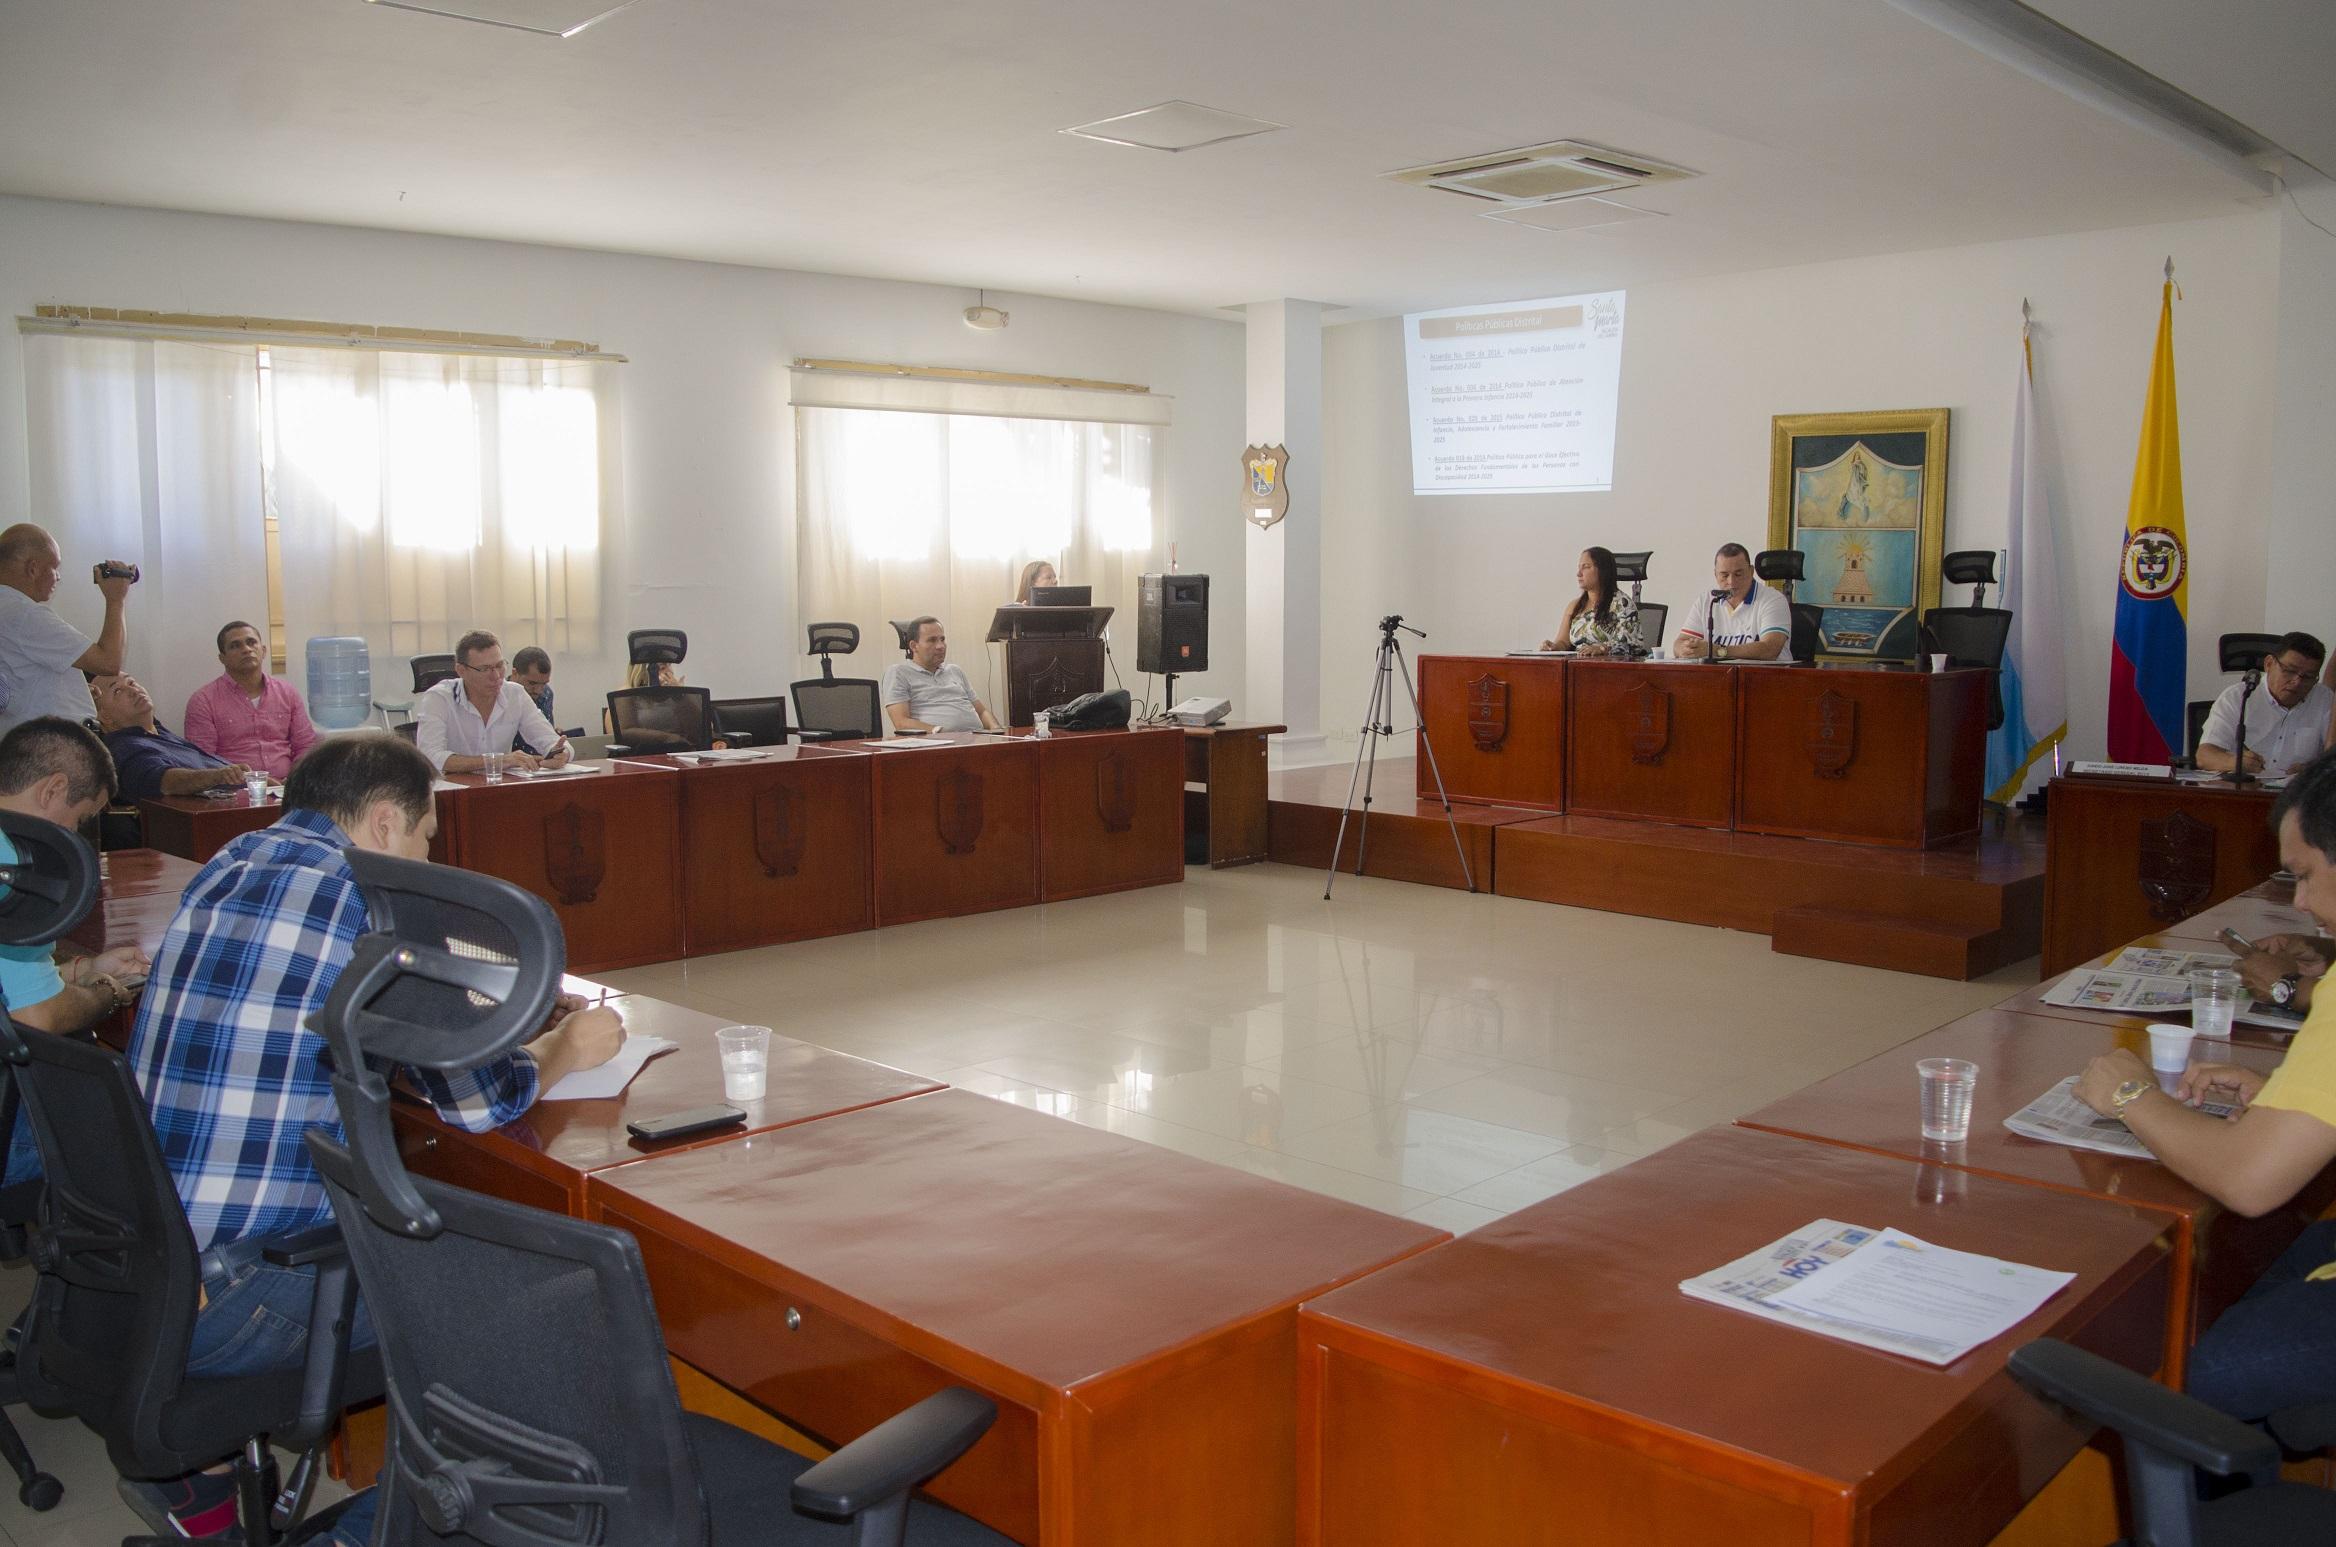 Secretaría de Educación mostró avances en inclusión, de los niños con discapacidad